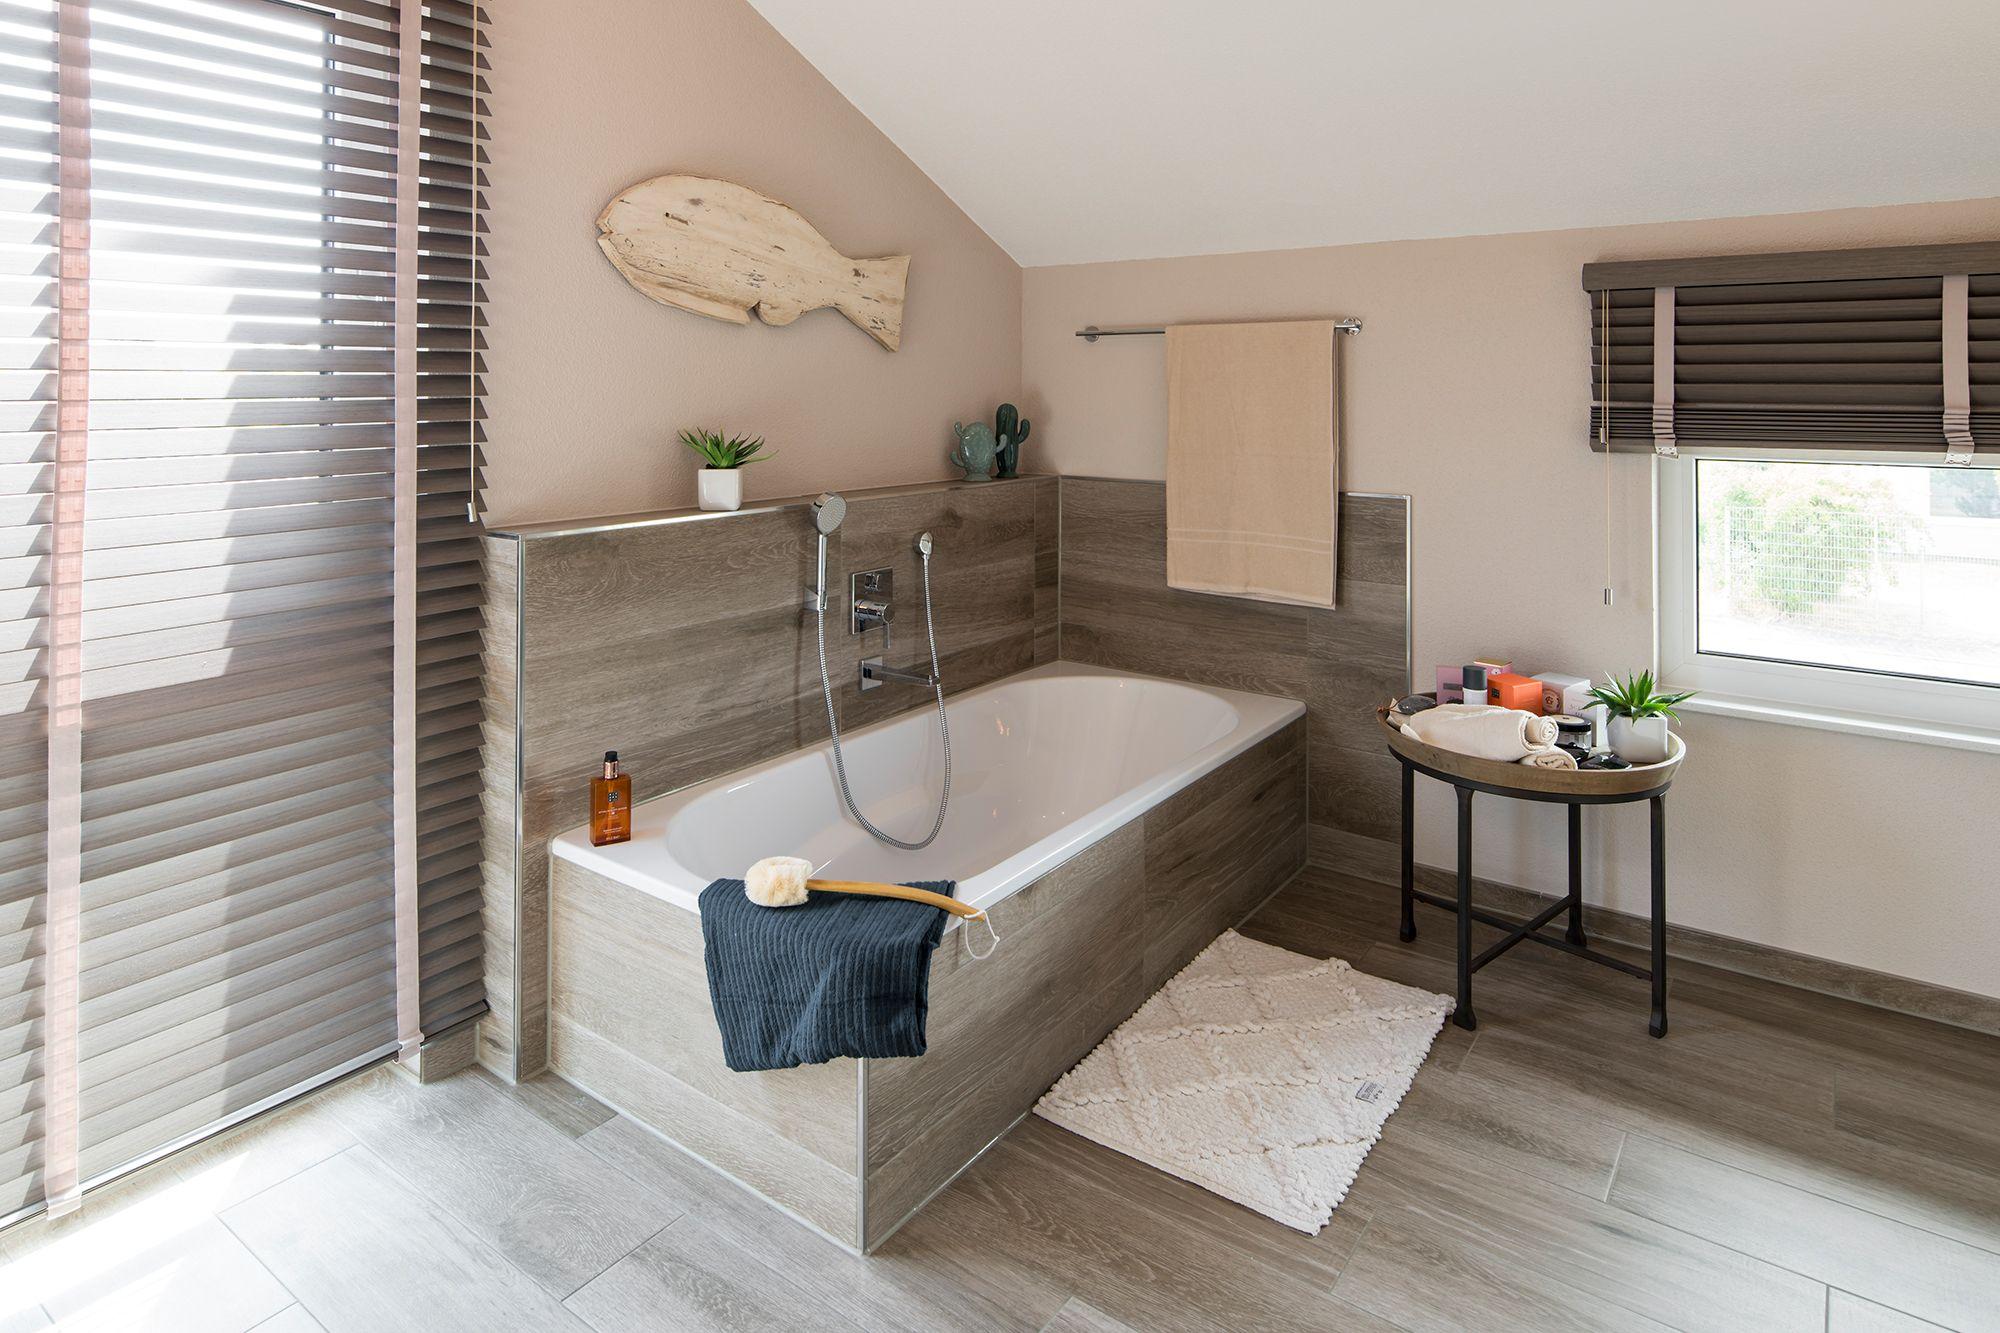 Wohnideen Badezimmer In Beigetonen Mit Bodentiefem Fenster Fertighaus Kaufen Haus Fertighauser